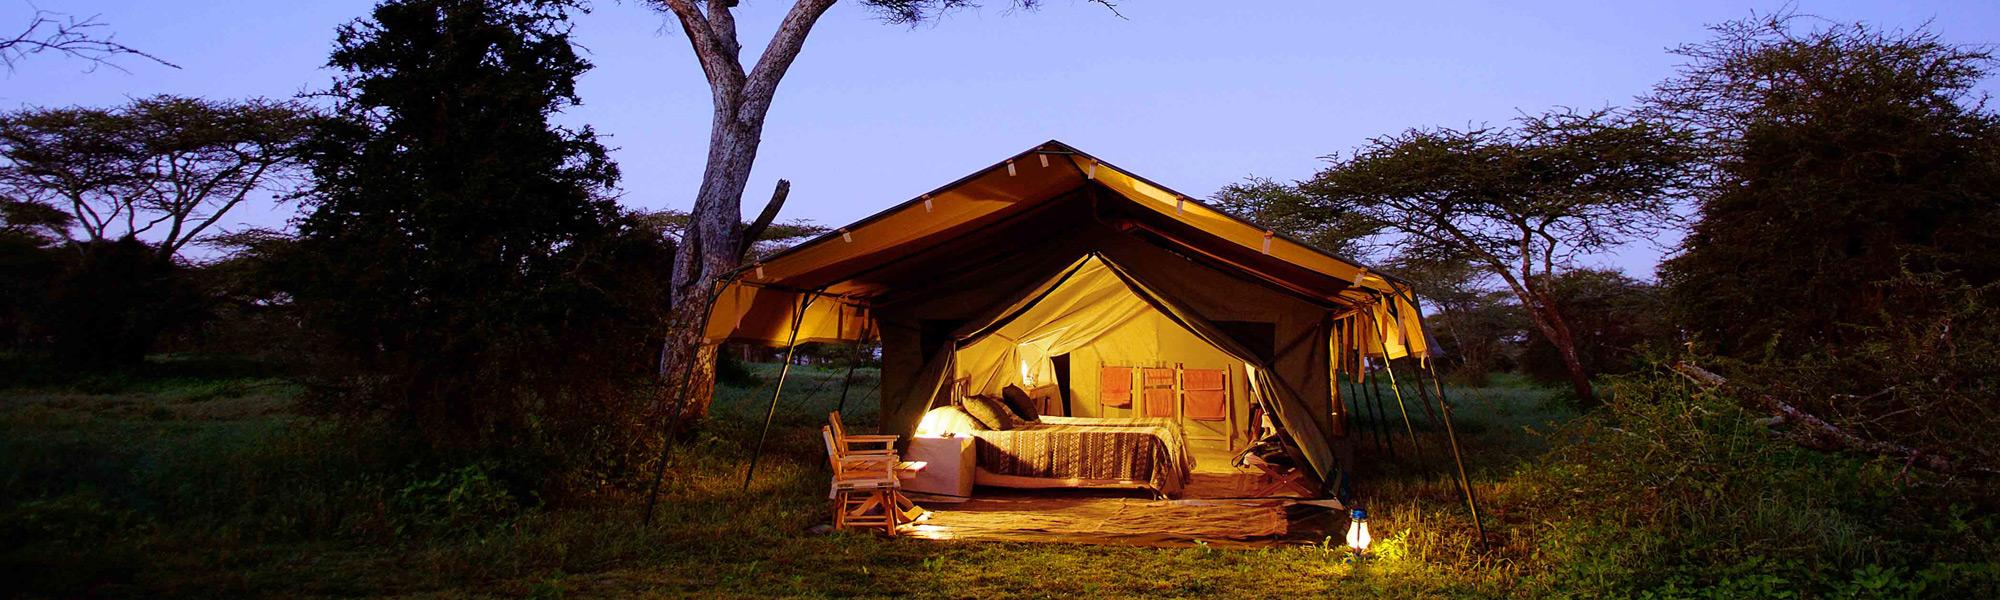 camp-at-night